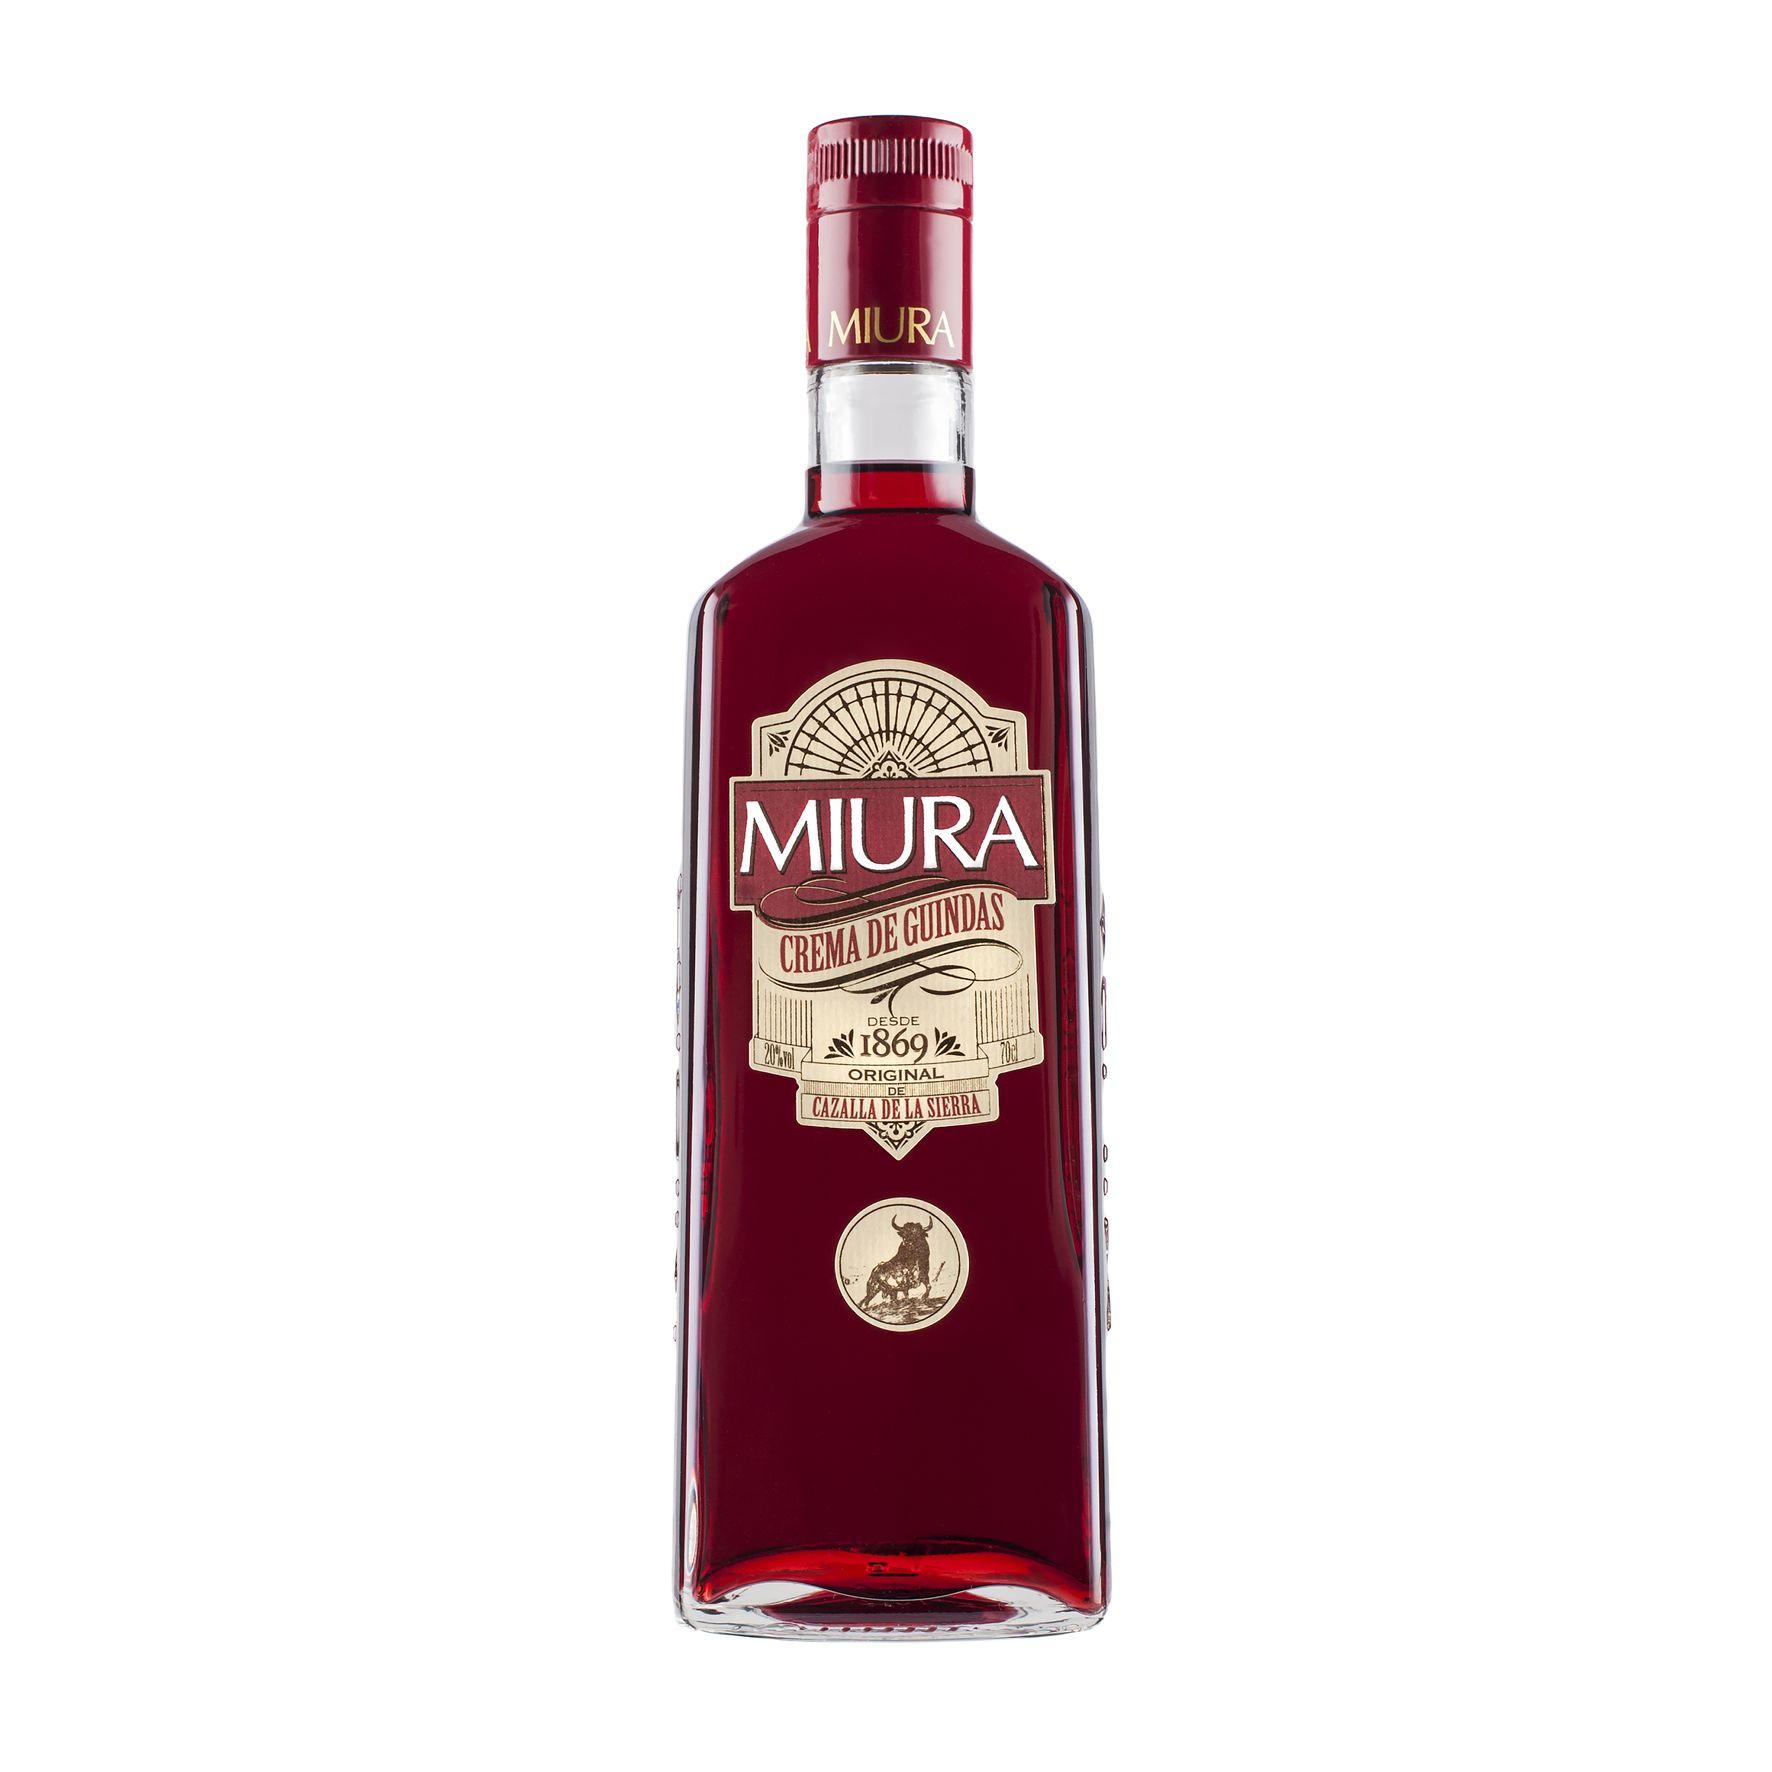 Miura, el licor por excelencia de Cazalla de la Sierra, cambia de imagen